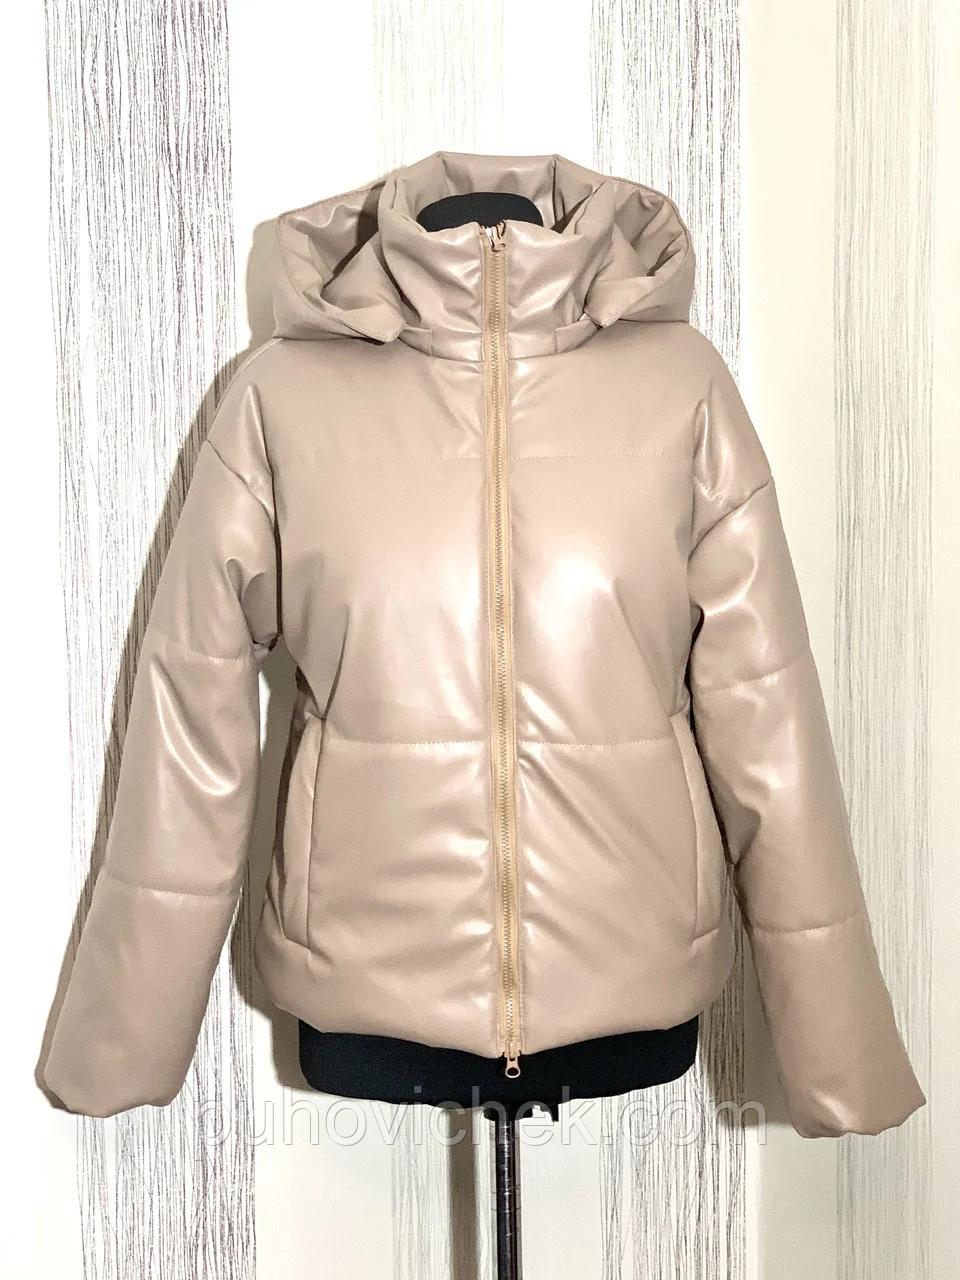 Демисезонная женская куртка модная из экокожи